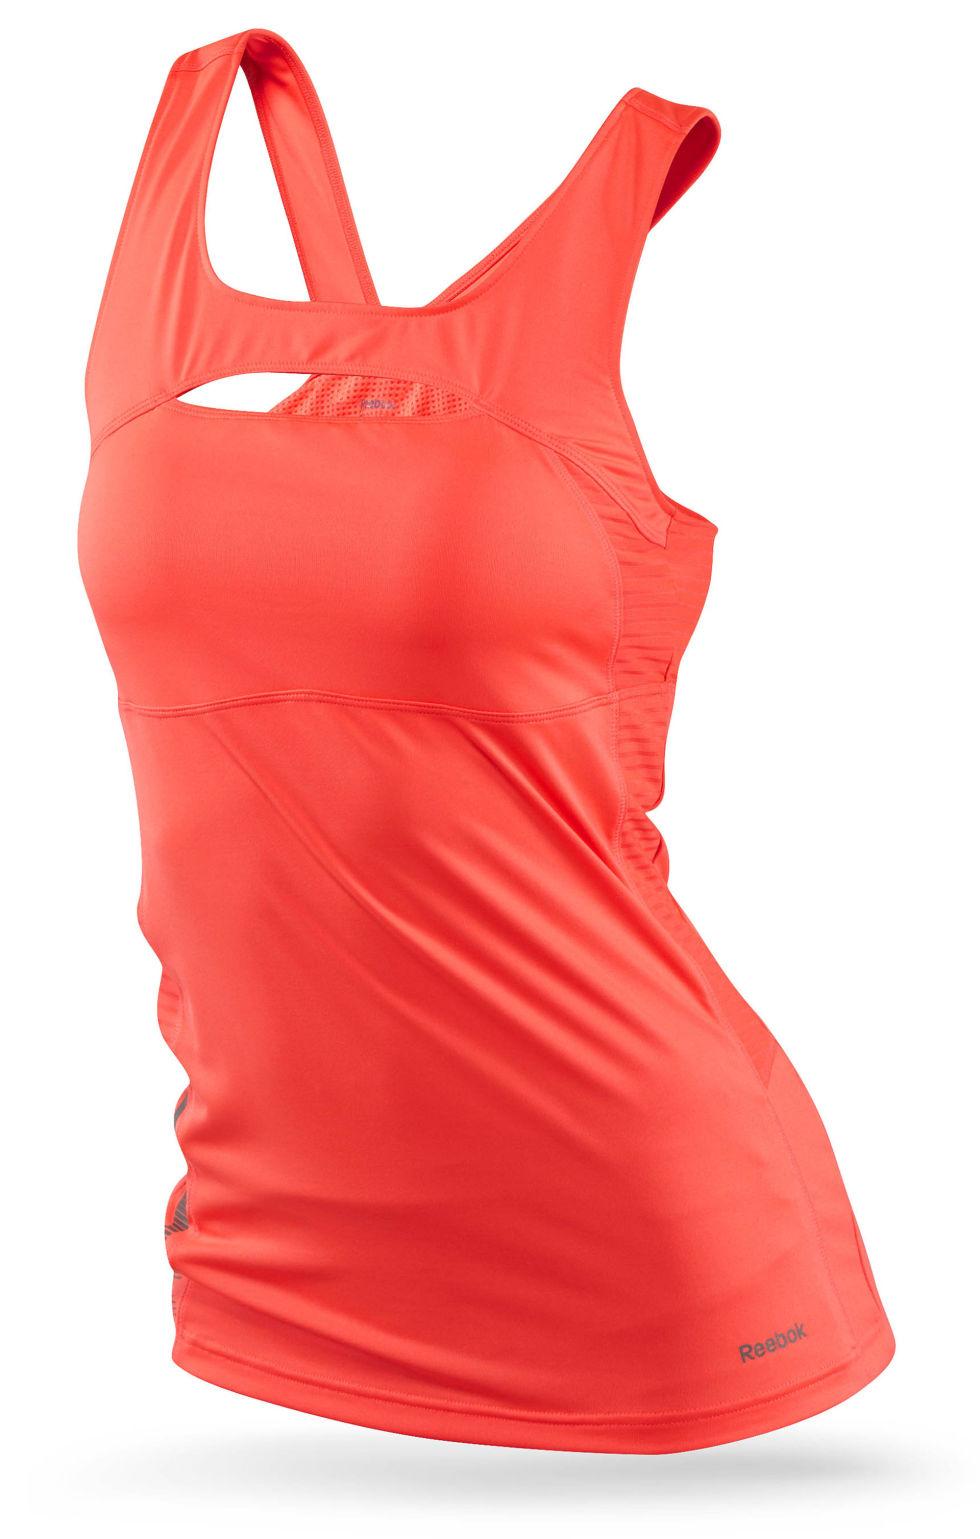 548a70004dc7d_-_rbk-workout-clothes-rebook-zigtech-top-s2.jpg